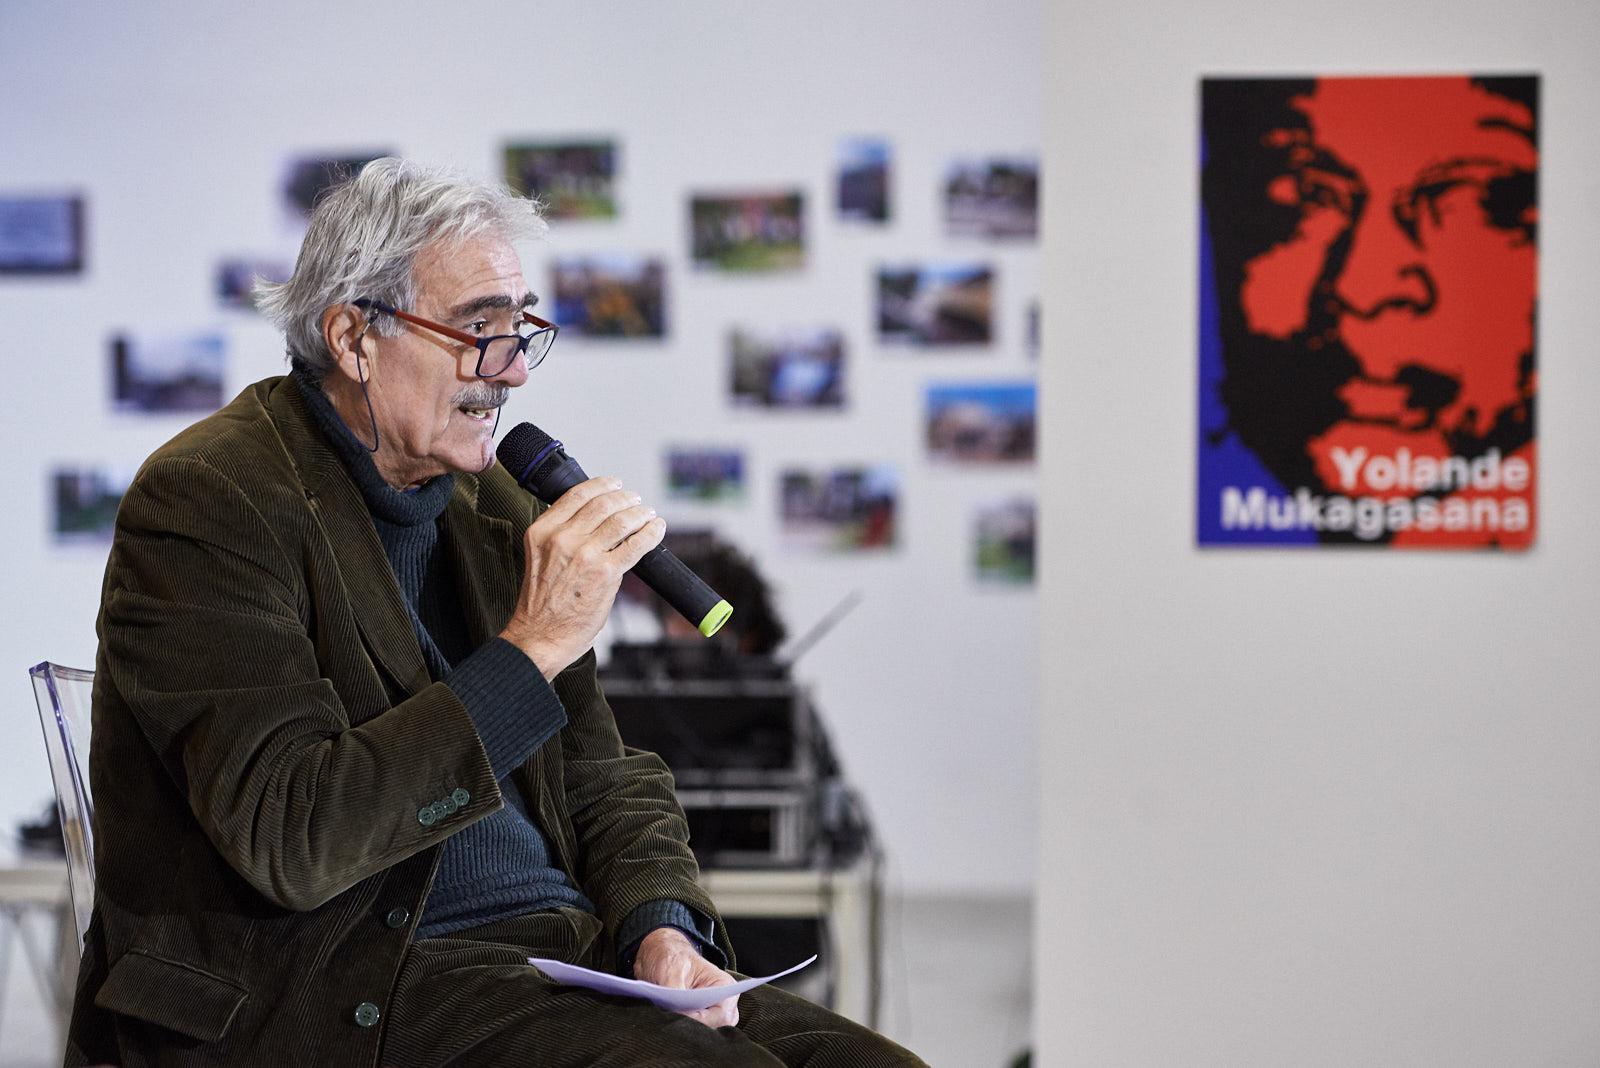 l'intervento di Marcello Flores, storico